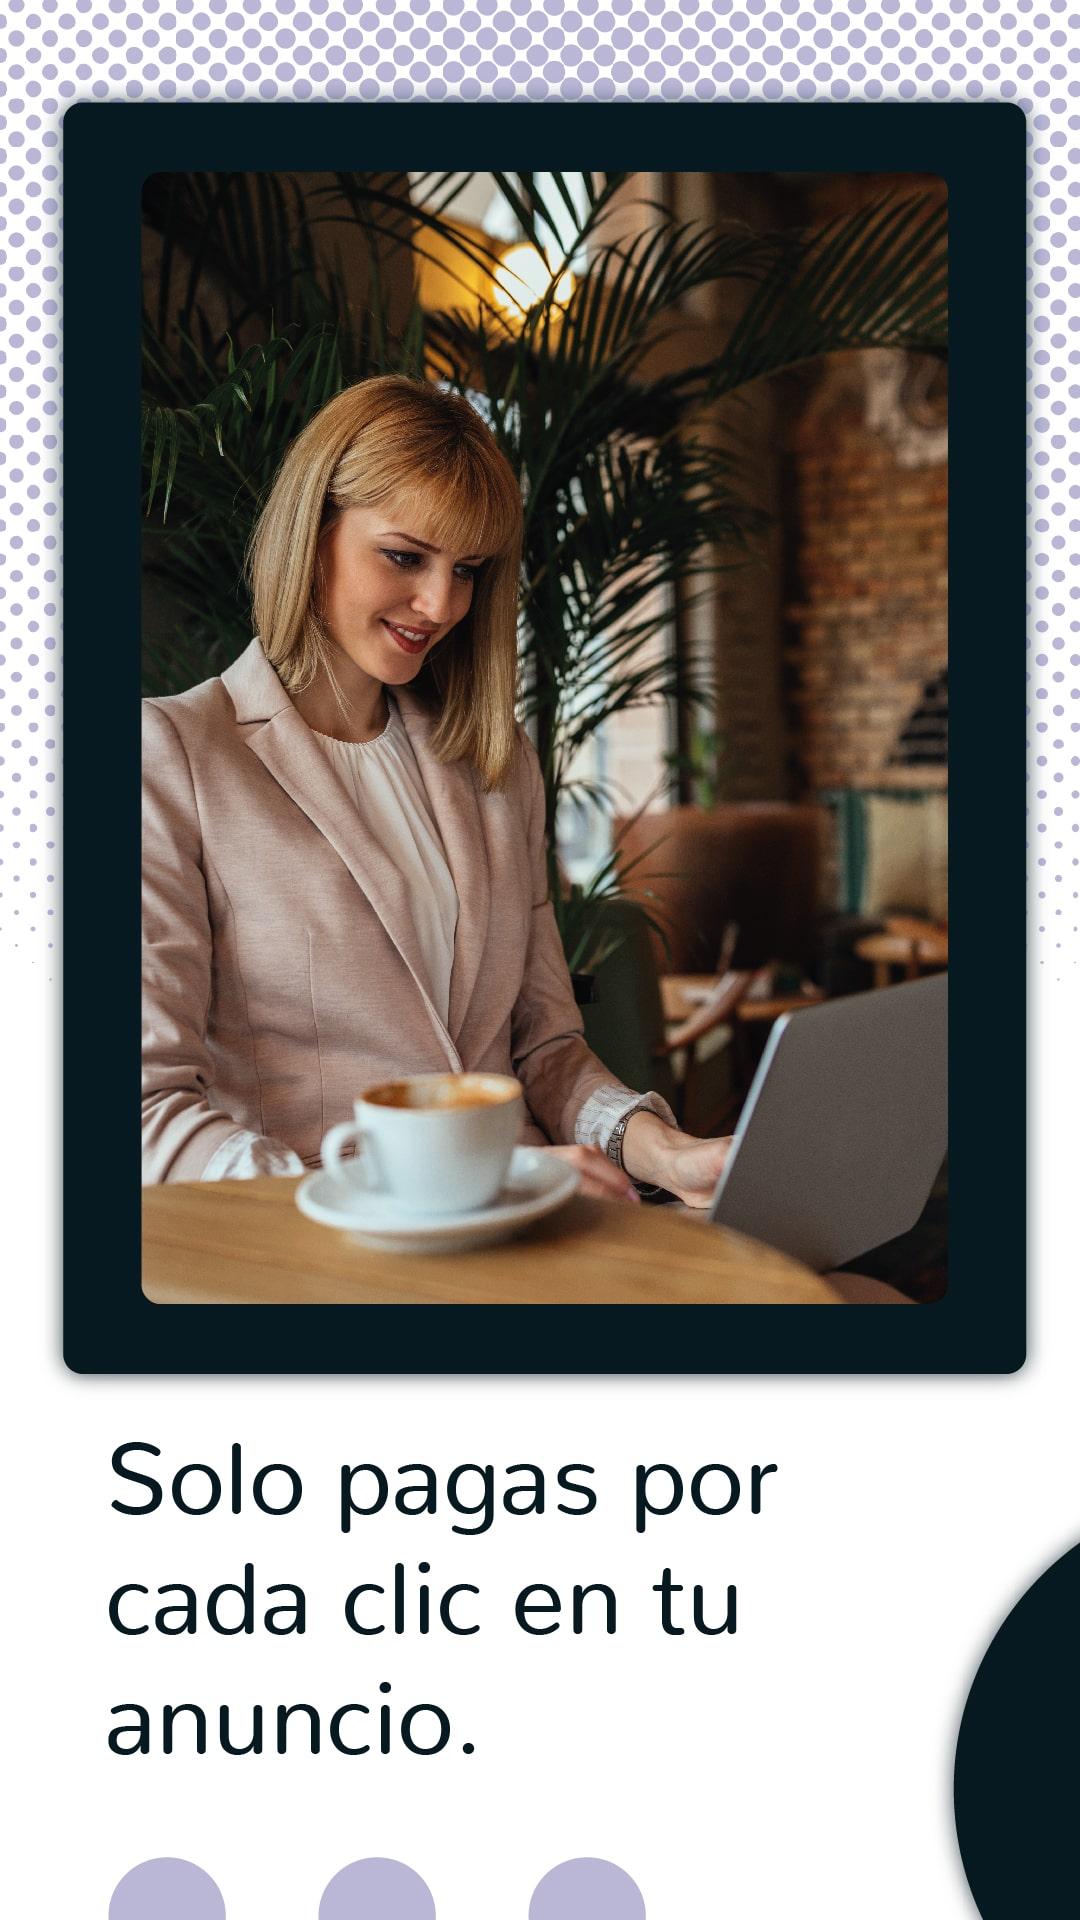 Las campañas de Costo Por Clic se llaman así porque solo se te cobra por cada clic en tu anuncio